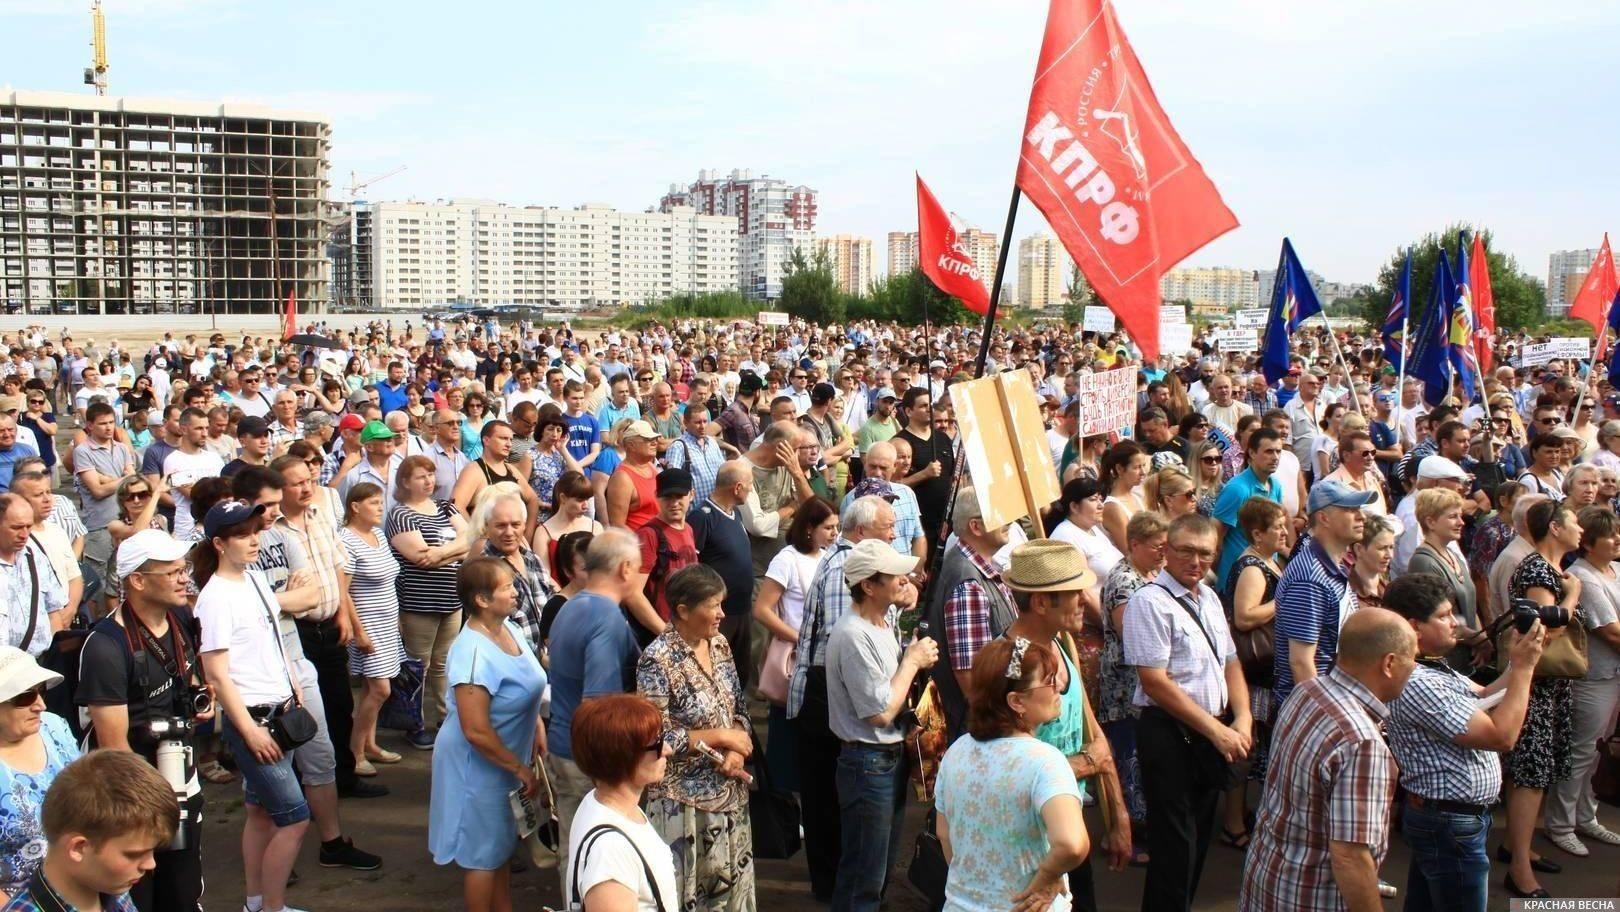 Митинг против пенсионной реформы. Брянск. 28 июля 2018 года